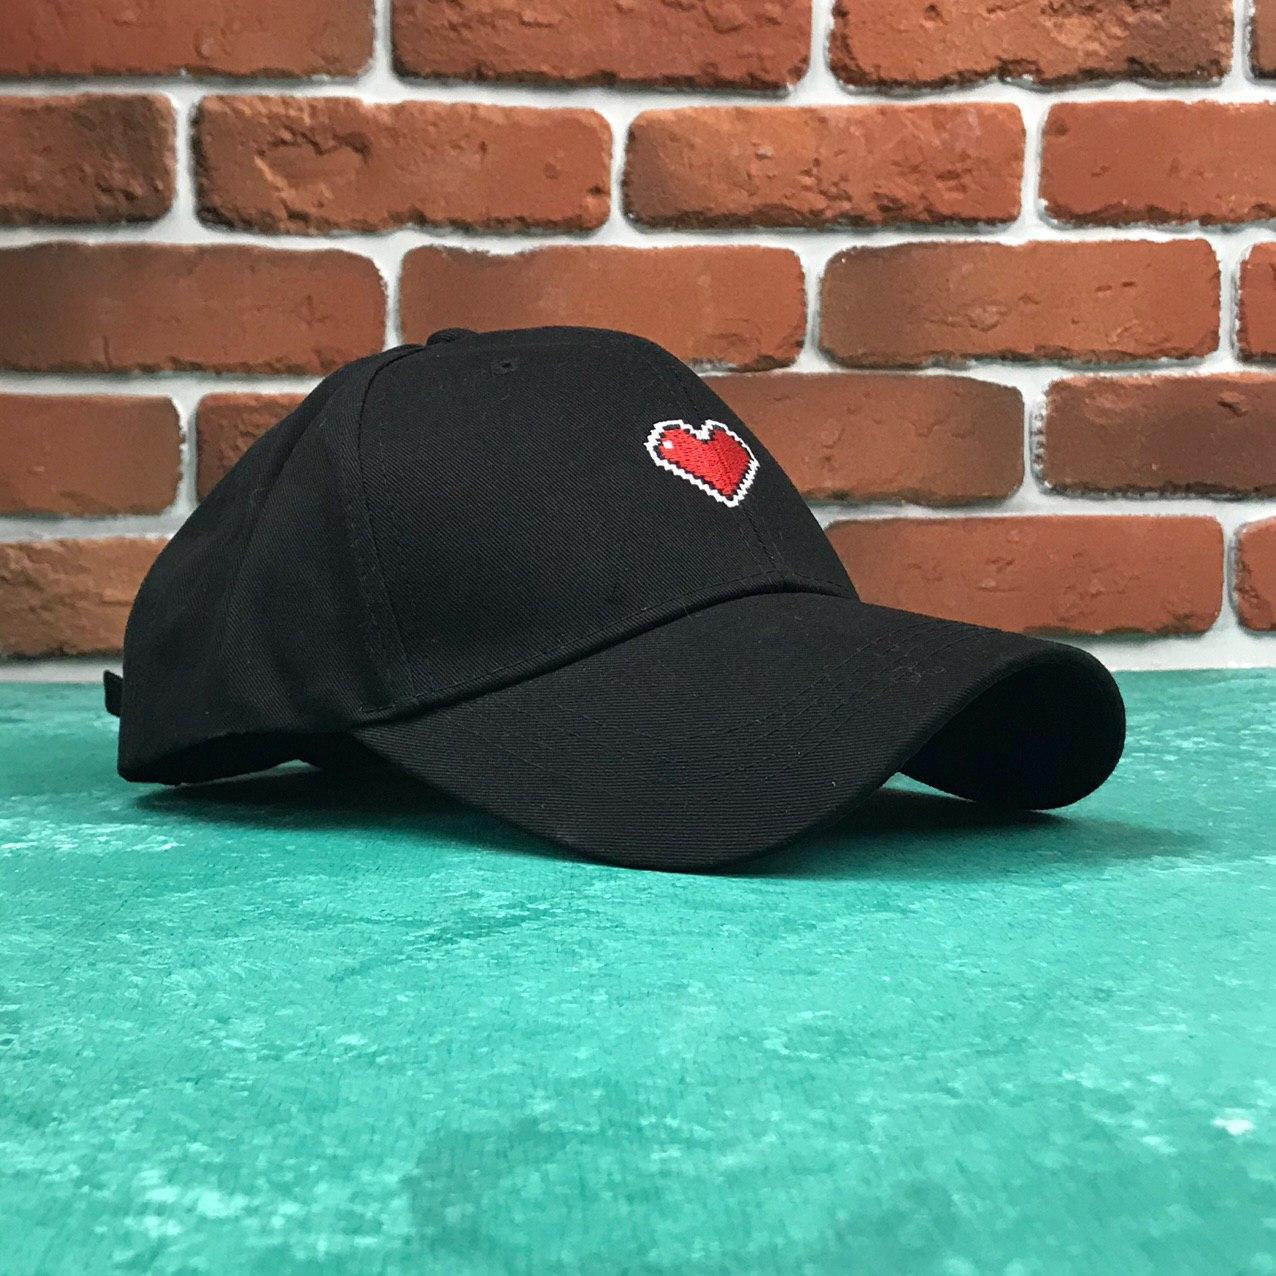 Кепка Бейсболка Женская City-A с Сердцем на завязках Черная